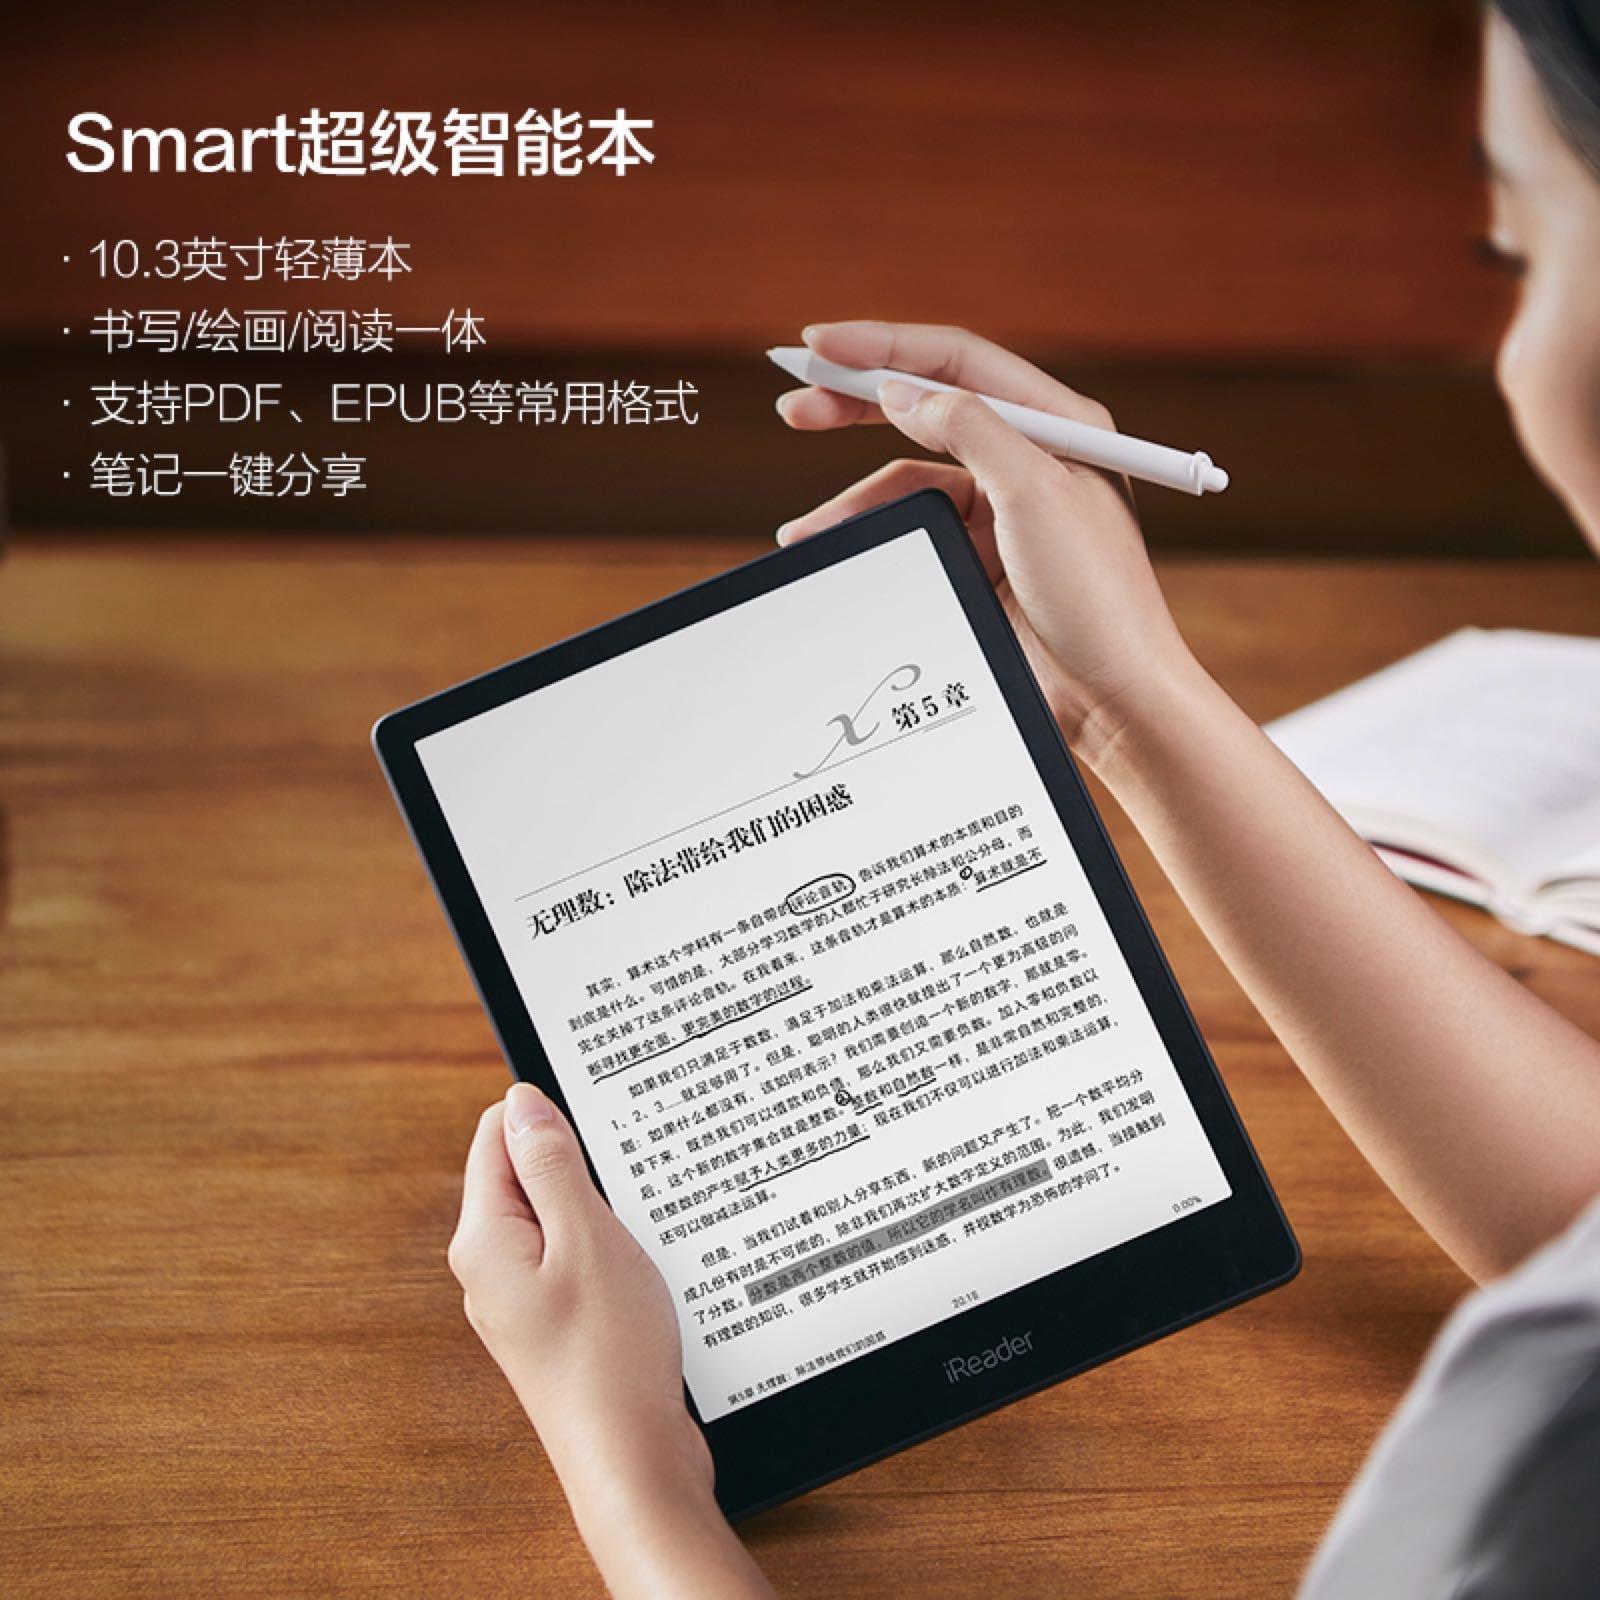 掌阅iReader Smart 10.3英寸手写阅读器,送孩子读书礼物